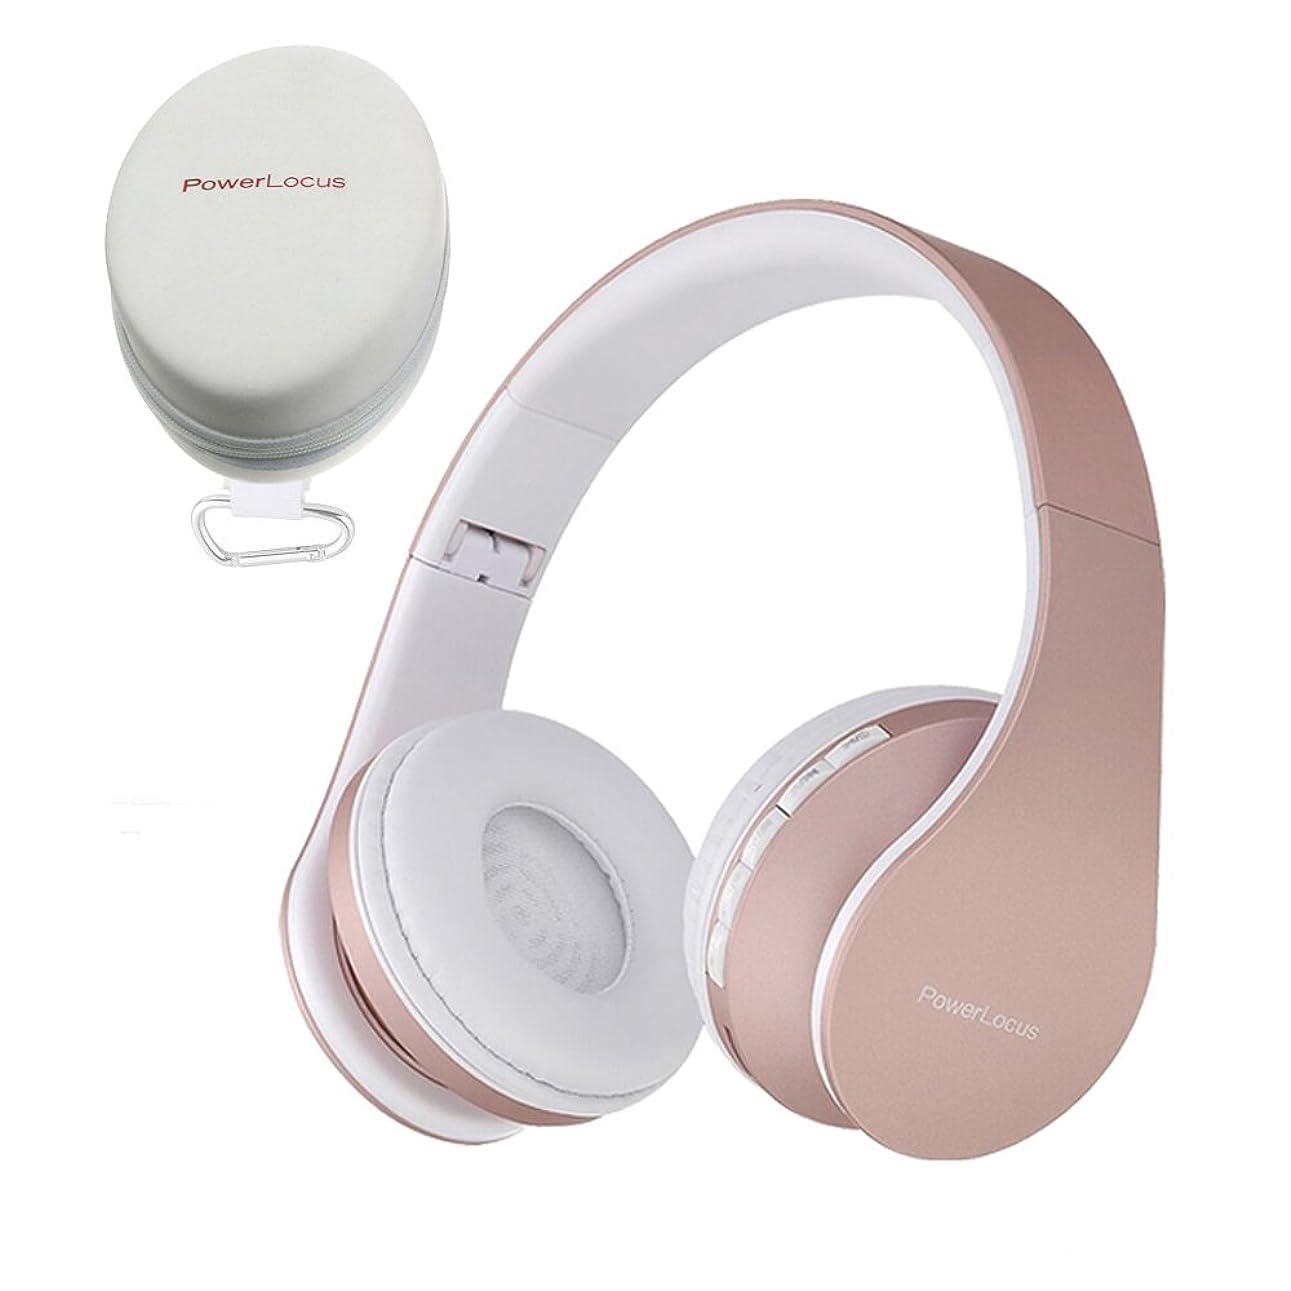 スポーツ修正権威PowerLocus Bluetooth ヘッドホン ワイヤレス 密閉型 高音質 イヤーステレオ折り畳み式 (ローズゴールド)